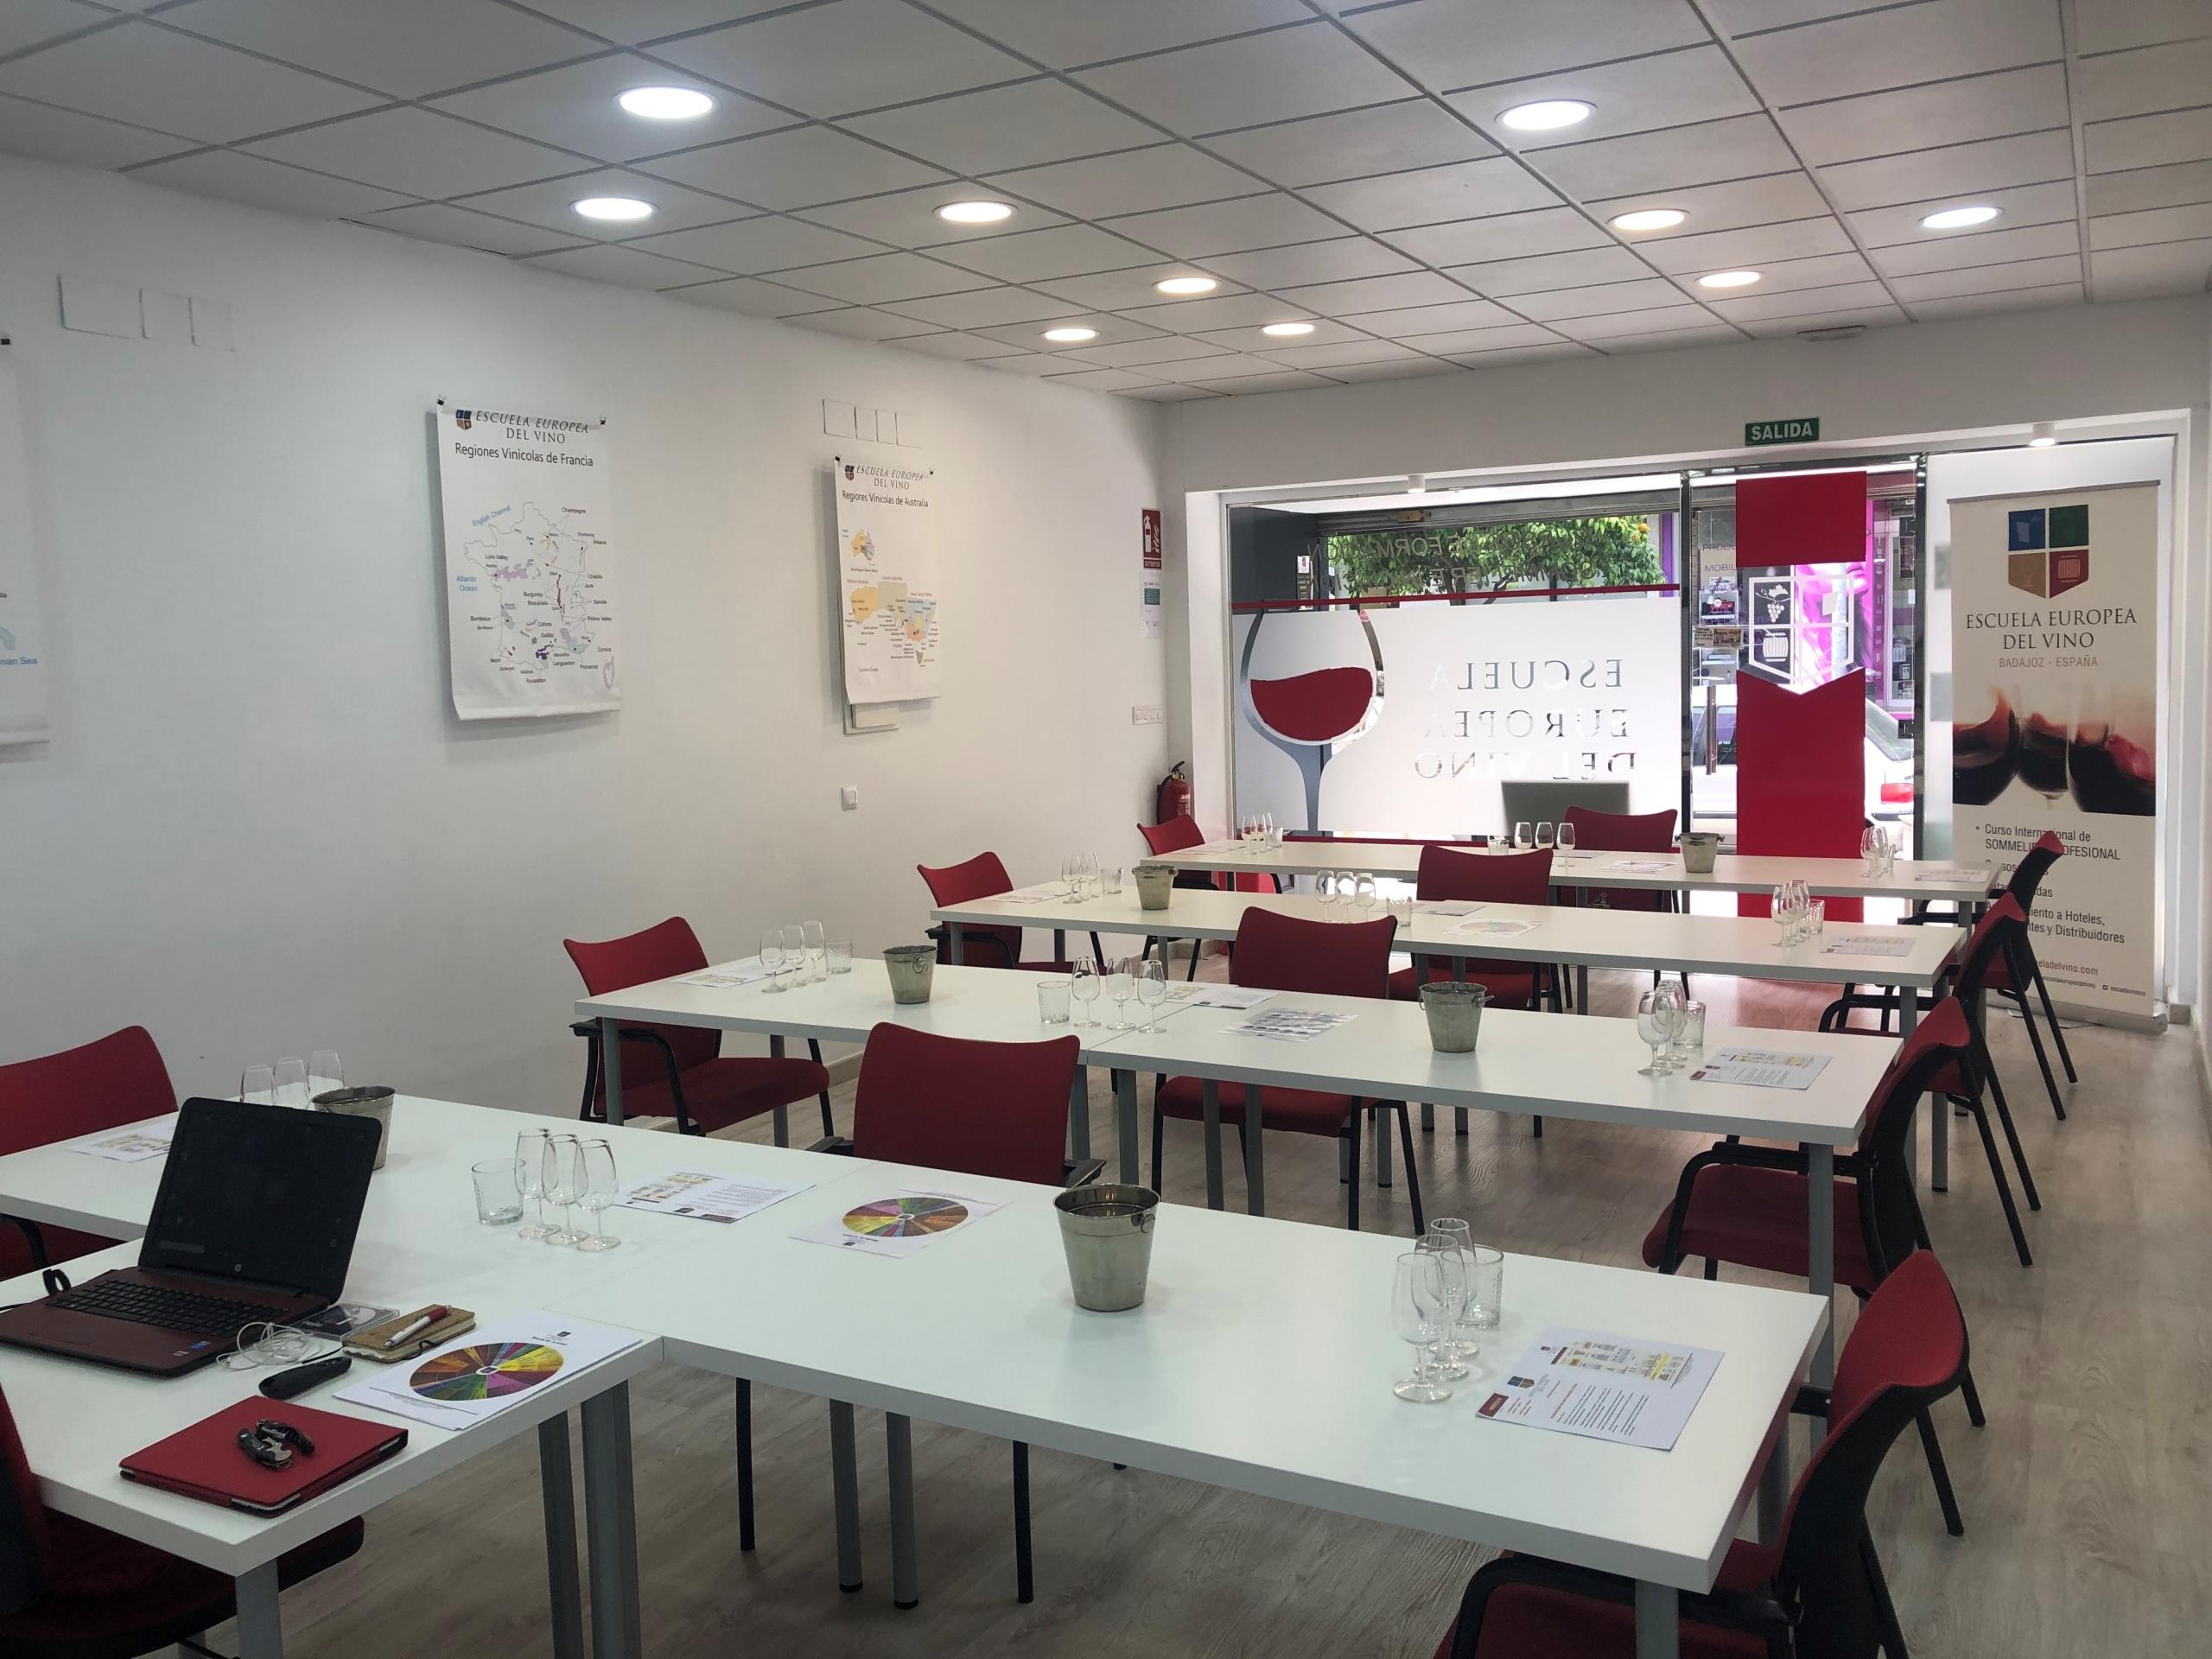 Escuela_del_Vino_aula_2